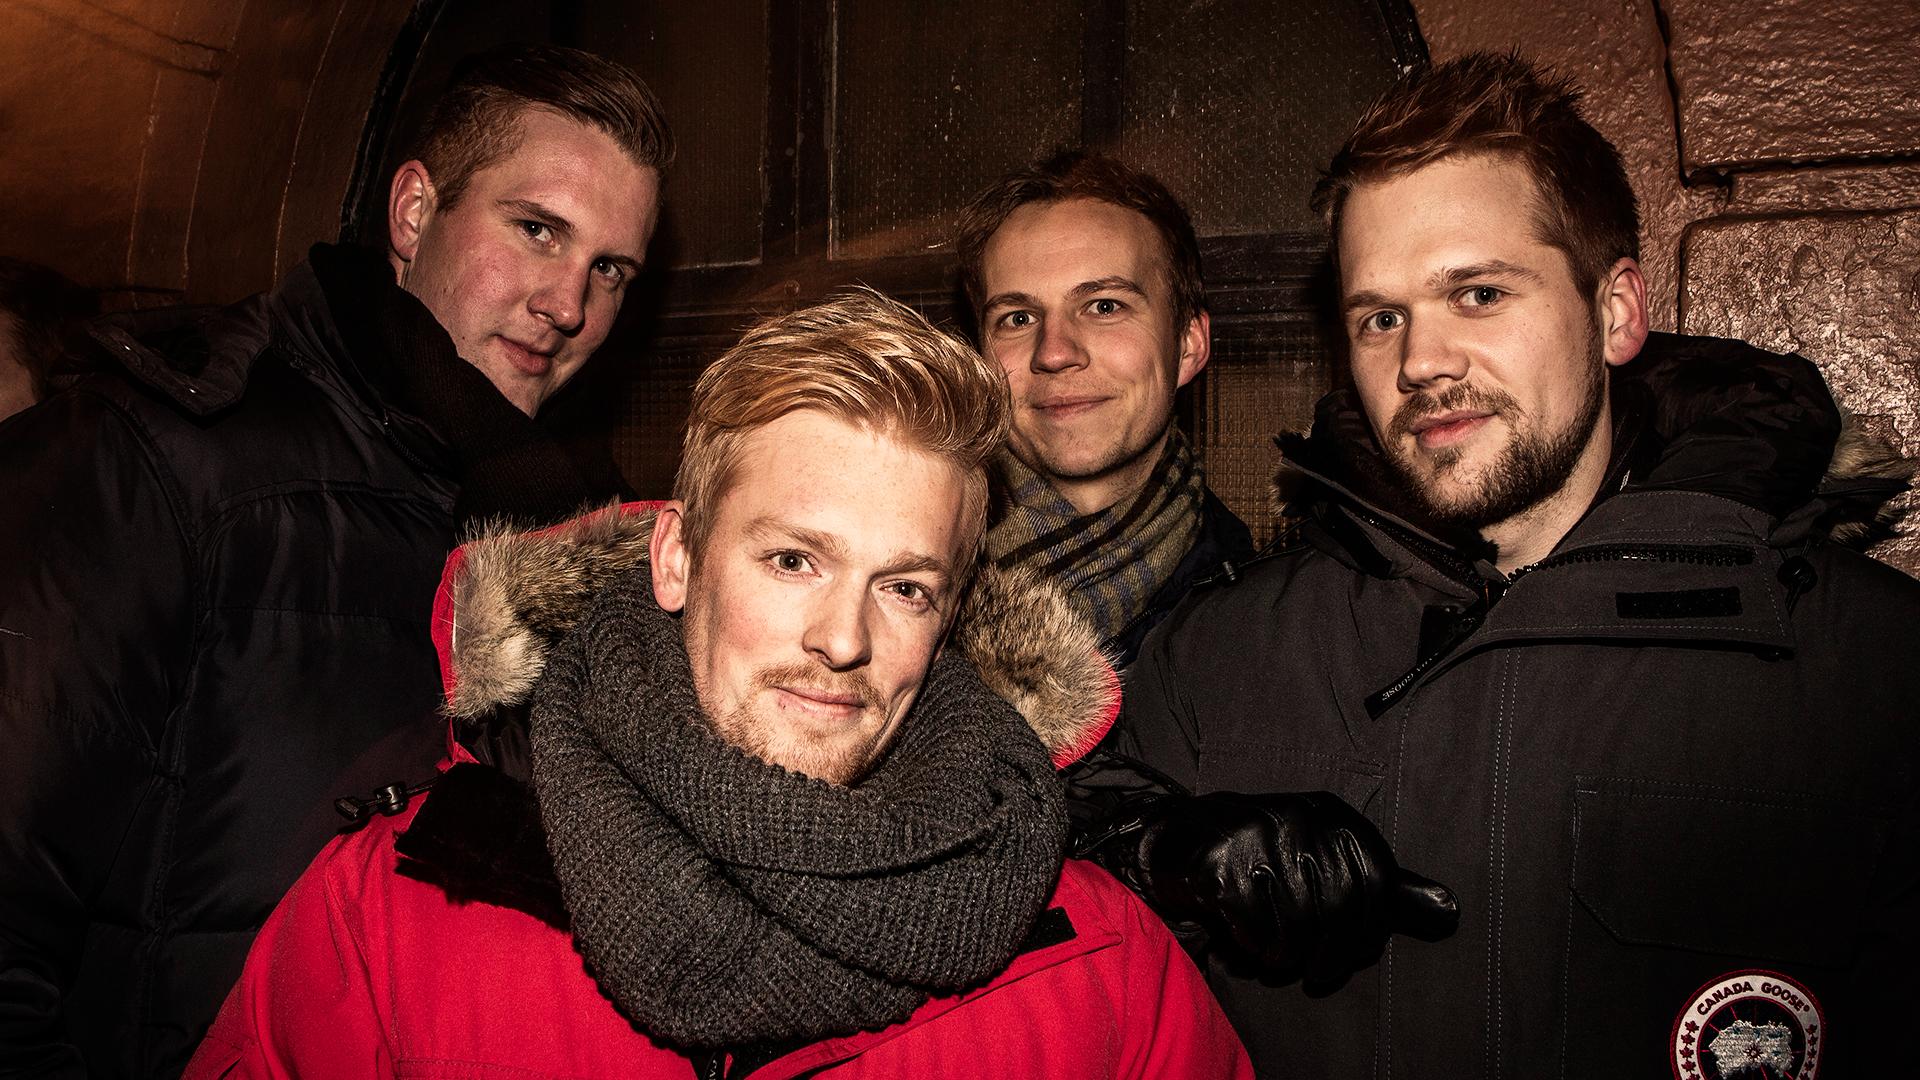 RR-fans. Bak fra venstre: Thomas Martinsen (25), Tony Andre Johnsen (26) og Ole Martin Snortheim (25). Foran: Kim Arne Tveit(26). Foto: Tom Øverlie/NRK.